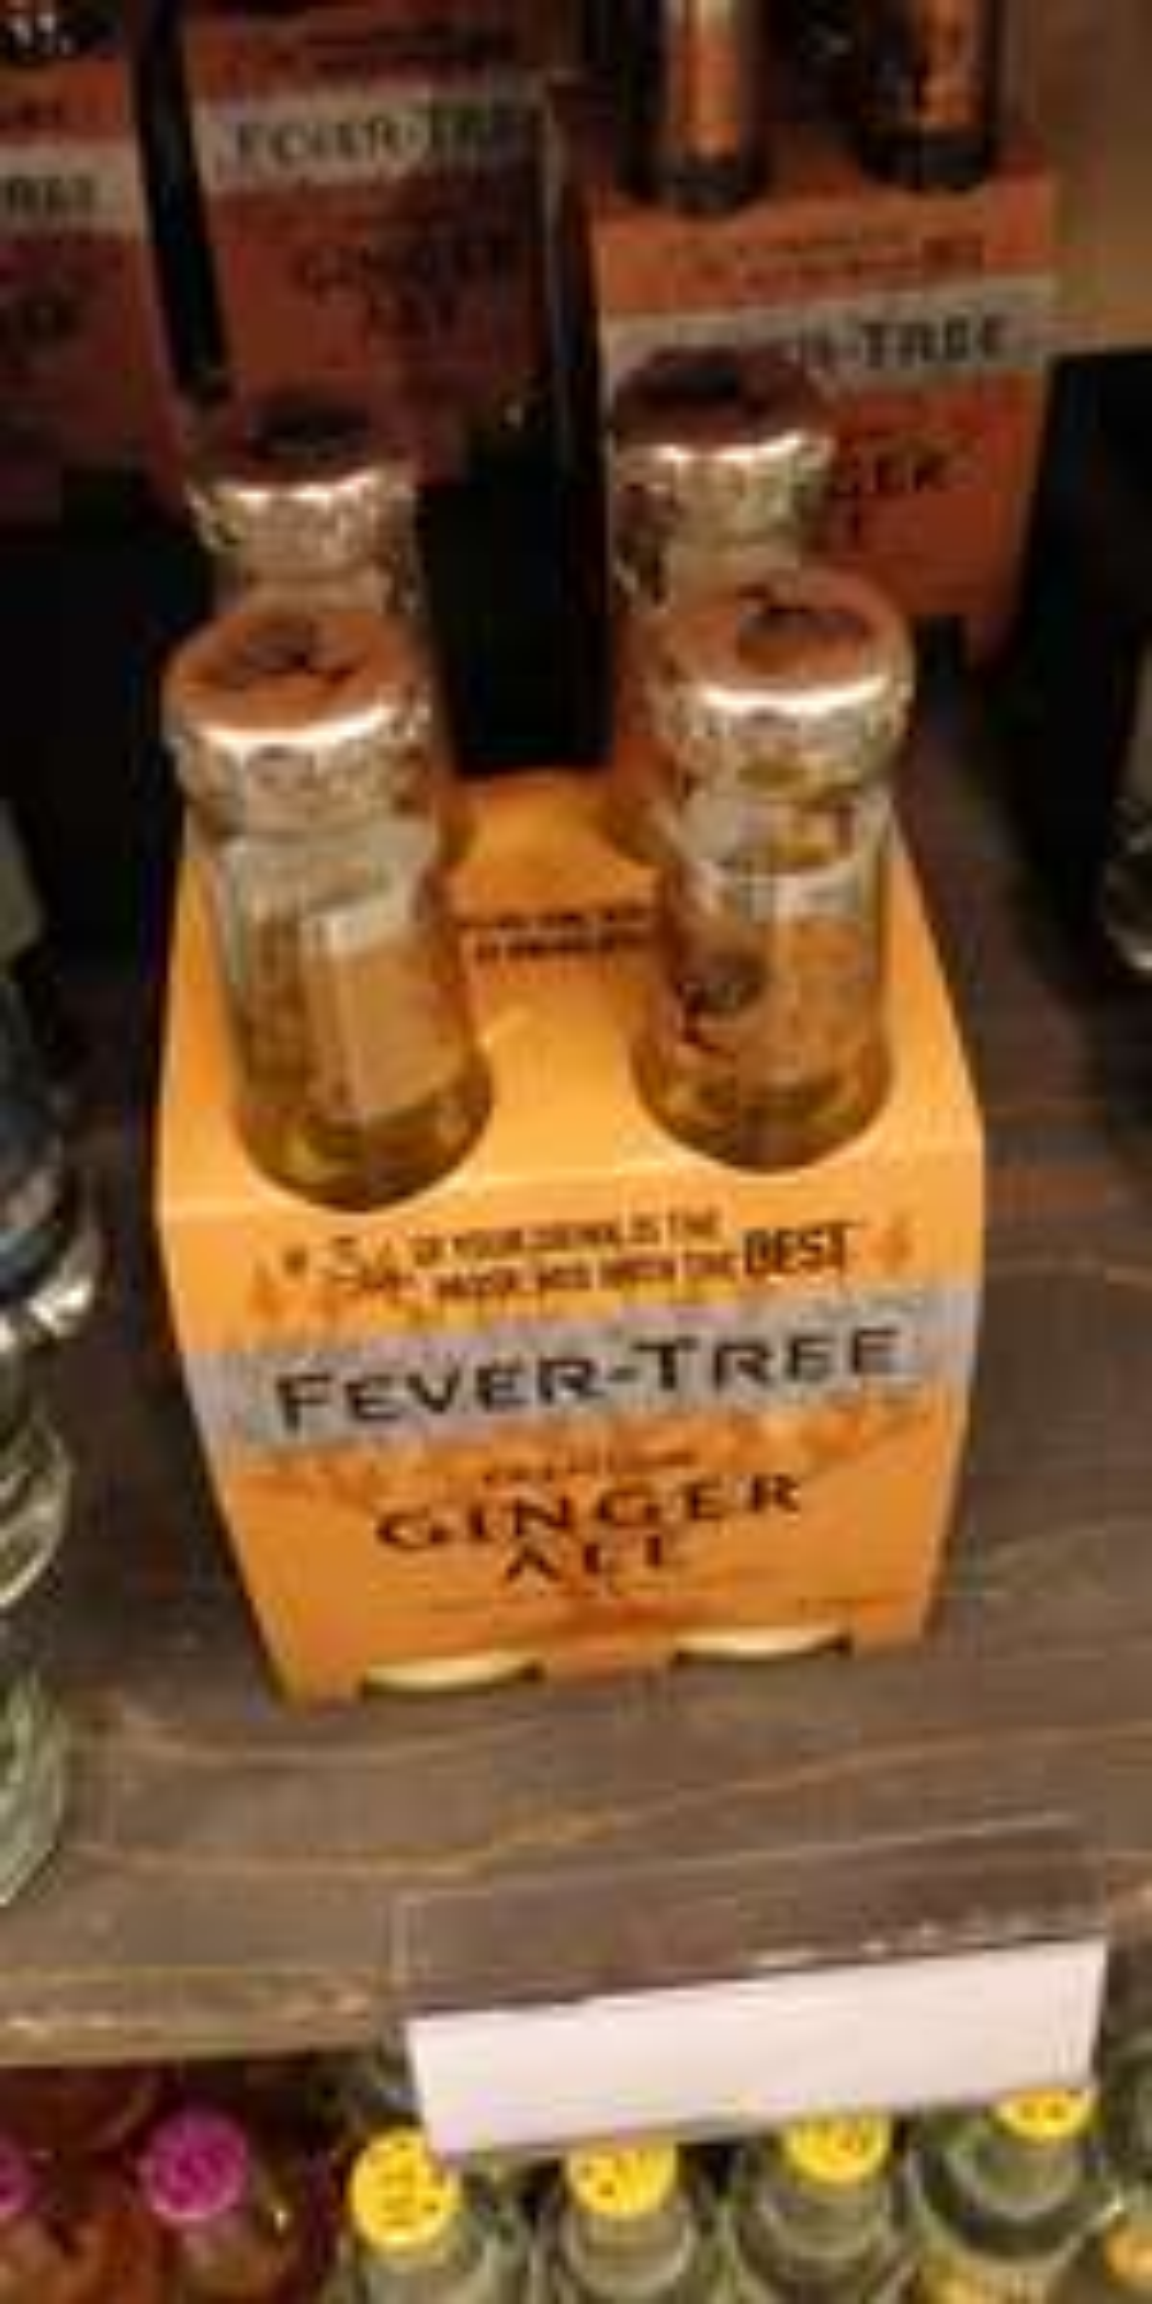 PRIJSFOUT.  4 pack fever-tree Ginger ale voor 1 cent bij Dirck iii